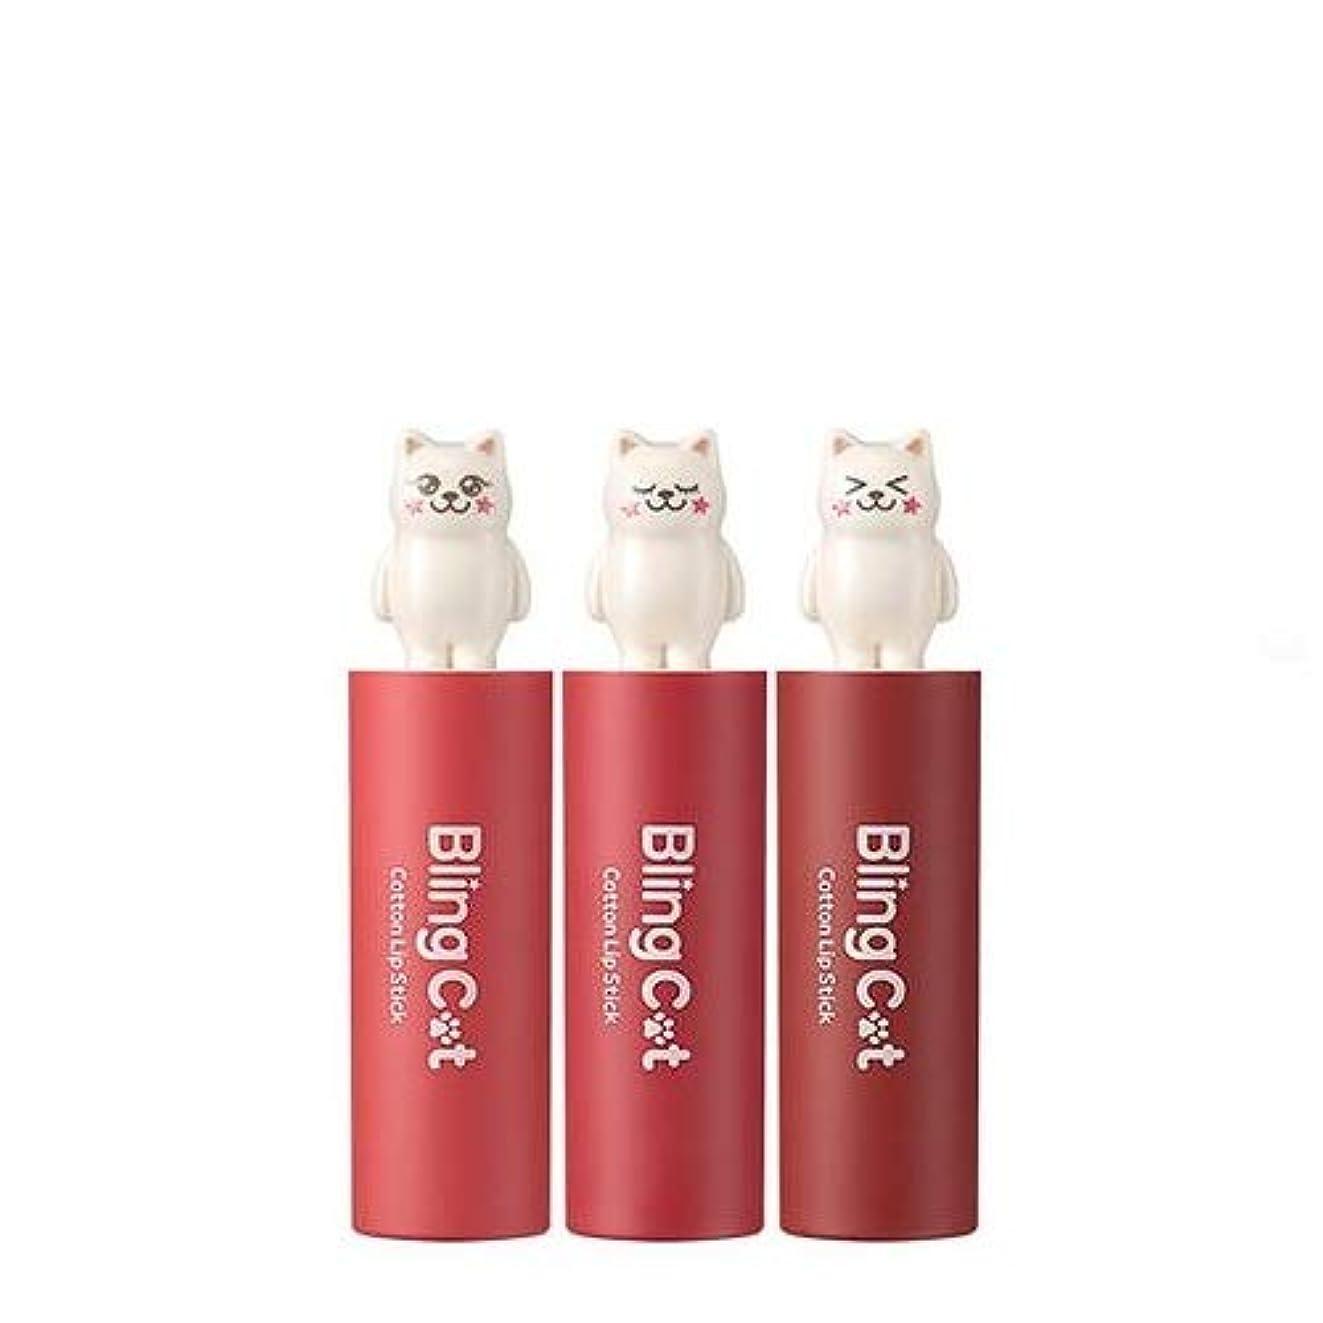 対応するゆりかごお金トニーモリー ブリングキャット コットン リップスティック 3.4g / TONYMOLY Bling Cat Cotton Lipstick # 01. Wild Kiss [並行輸入品]